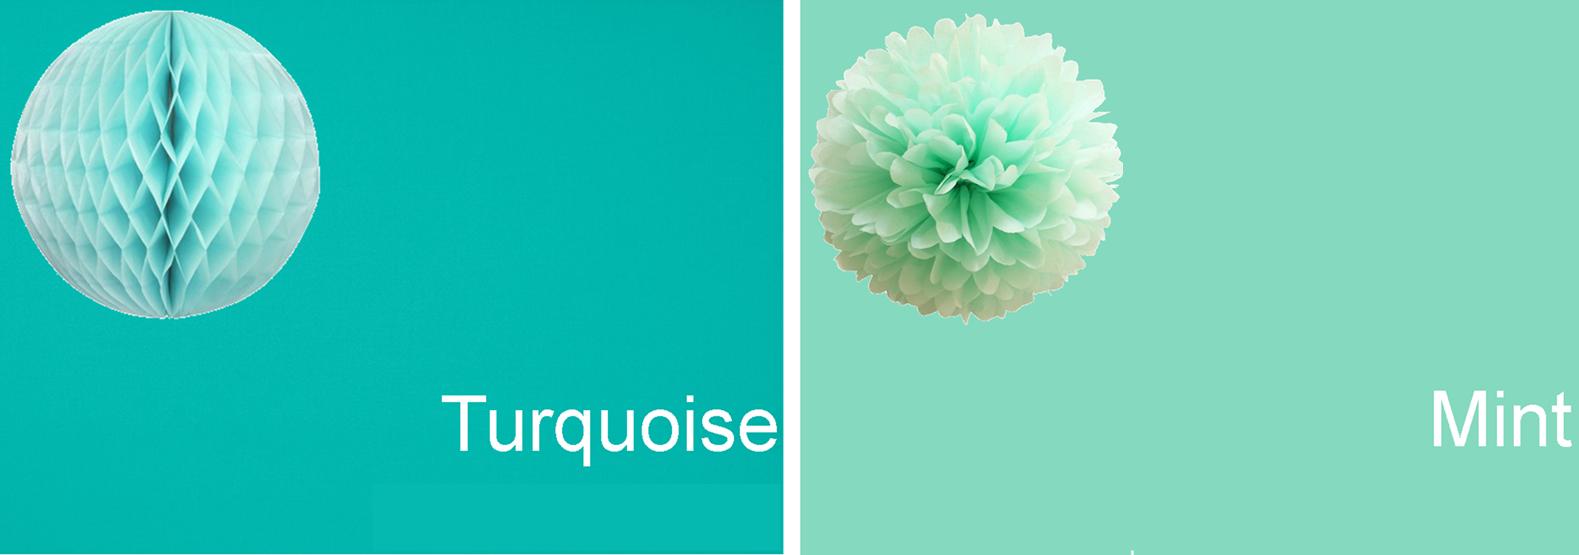 Turquoise in jouw interieur inspiraties - Kleur blauwe verf ...